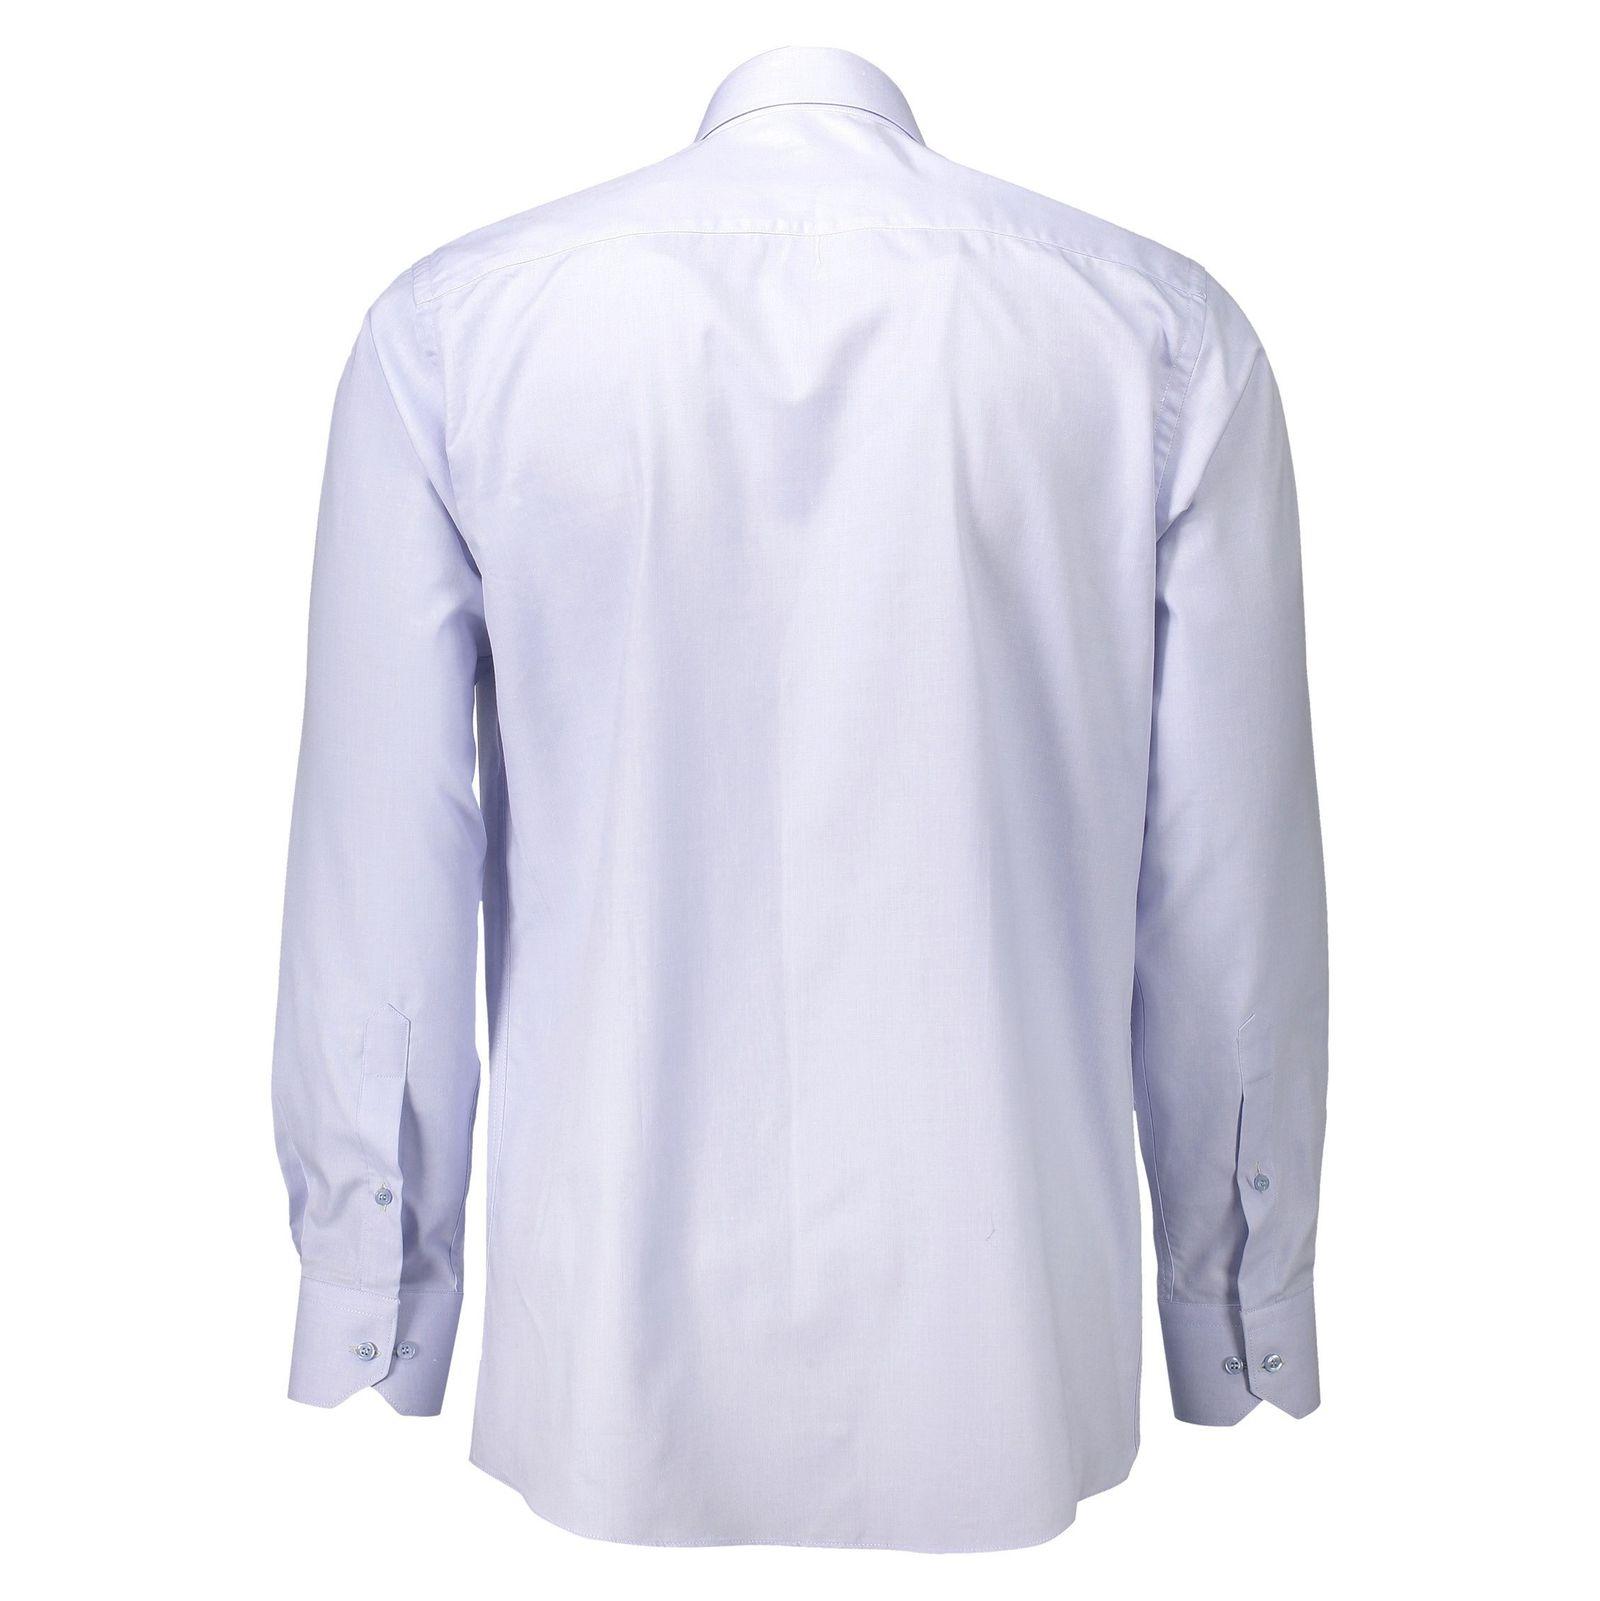 پیراهن آستین بلند مردانه - خانه مد راد - آبي روشن - 2